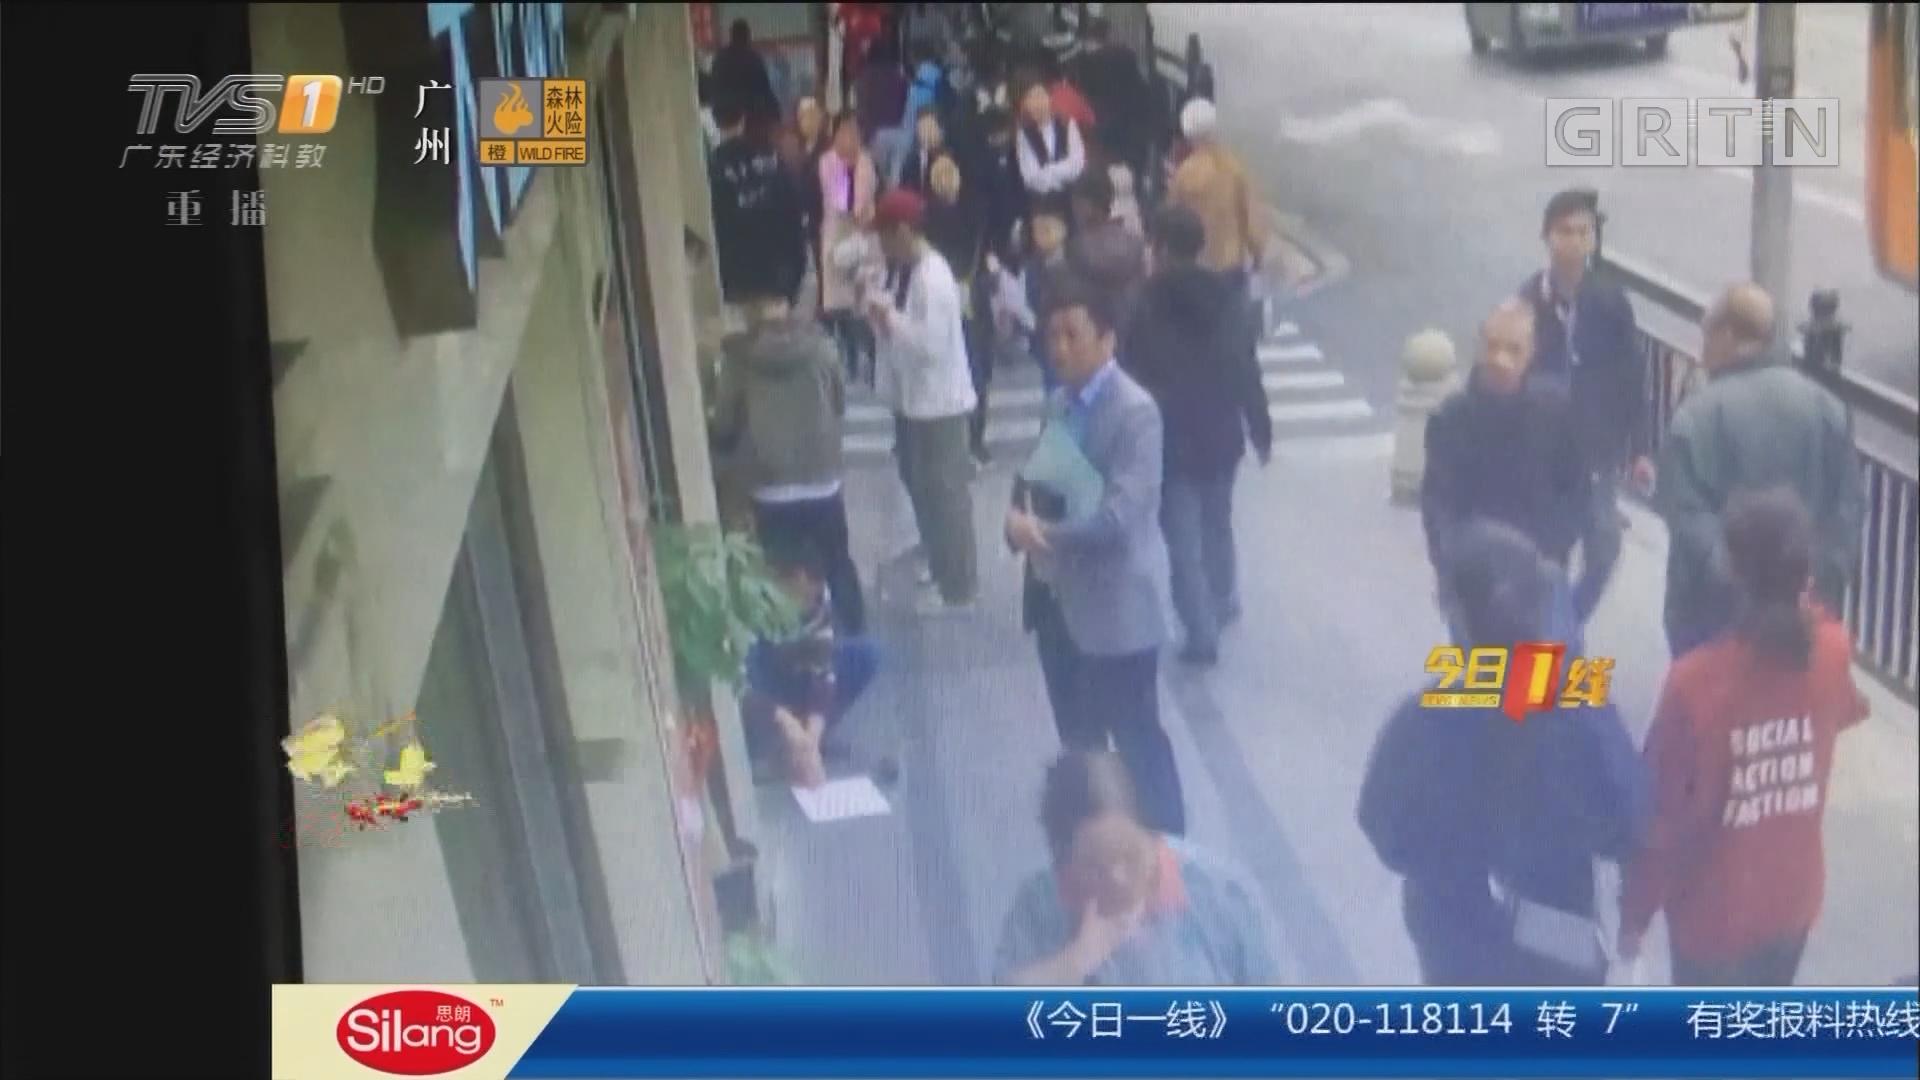 广州海珠:珠宝店铺三次遭断电 损失严重无法经营